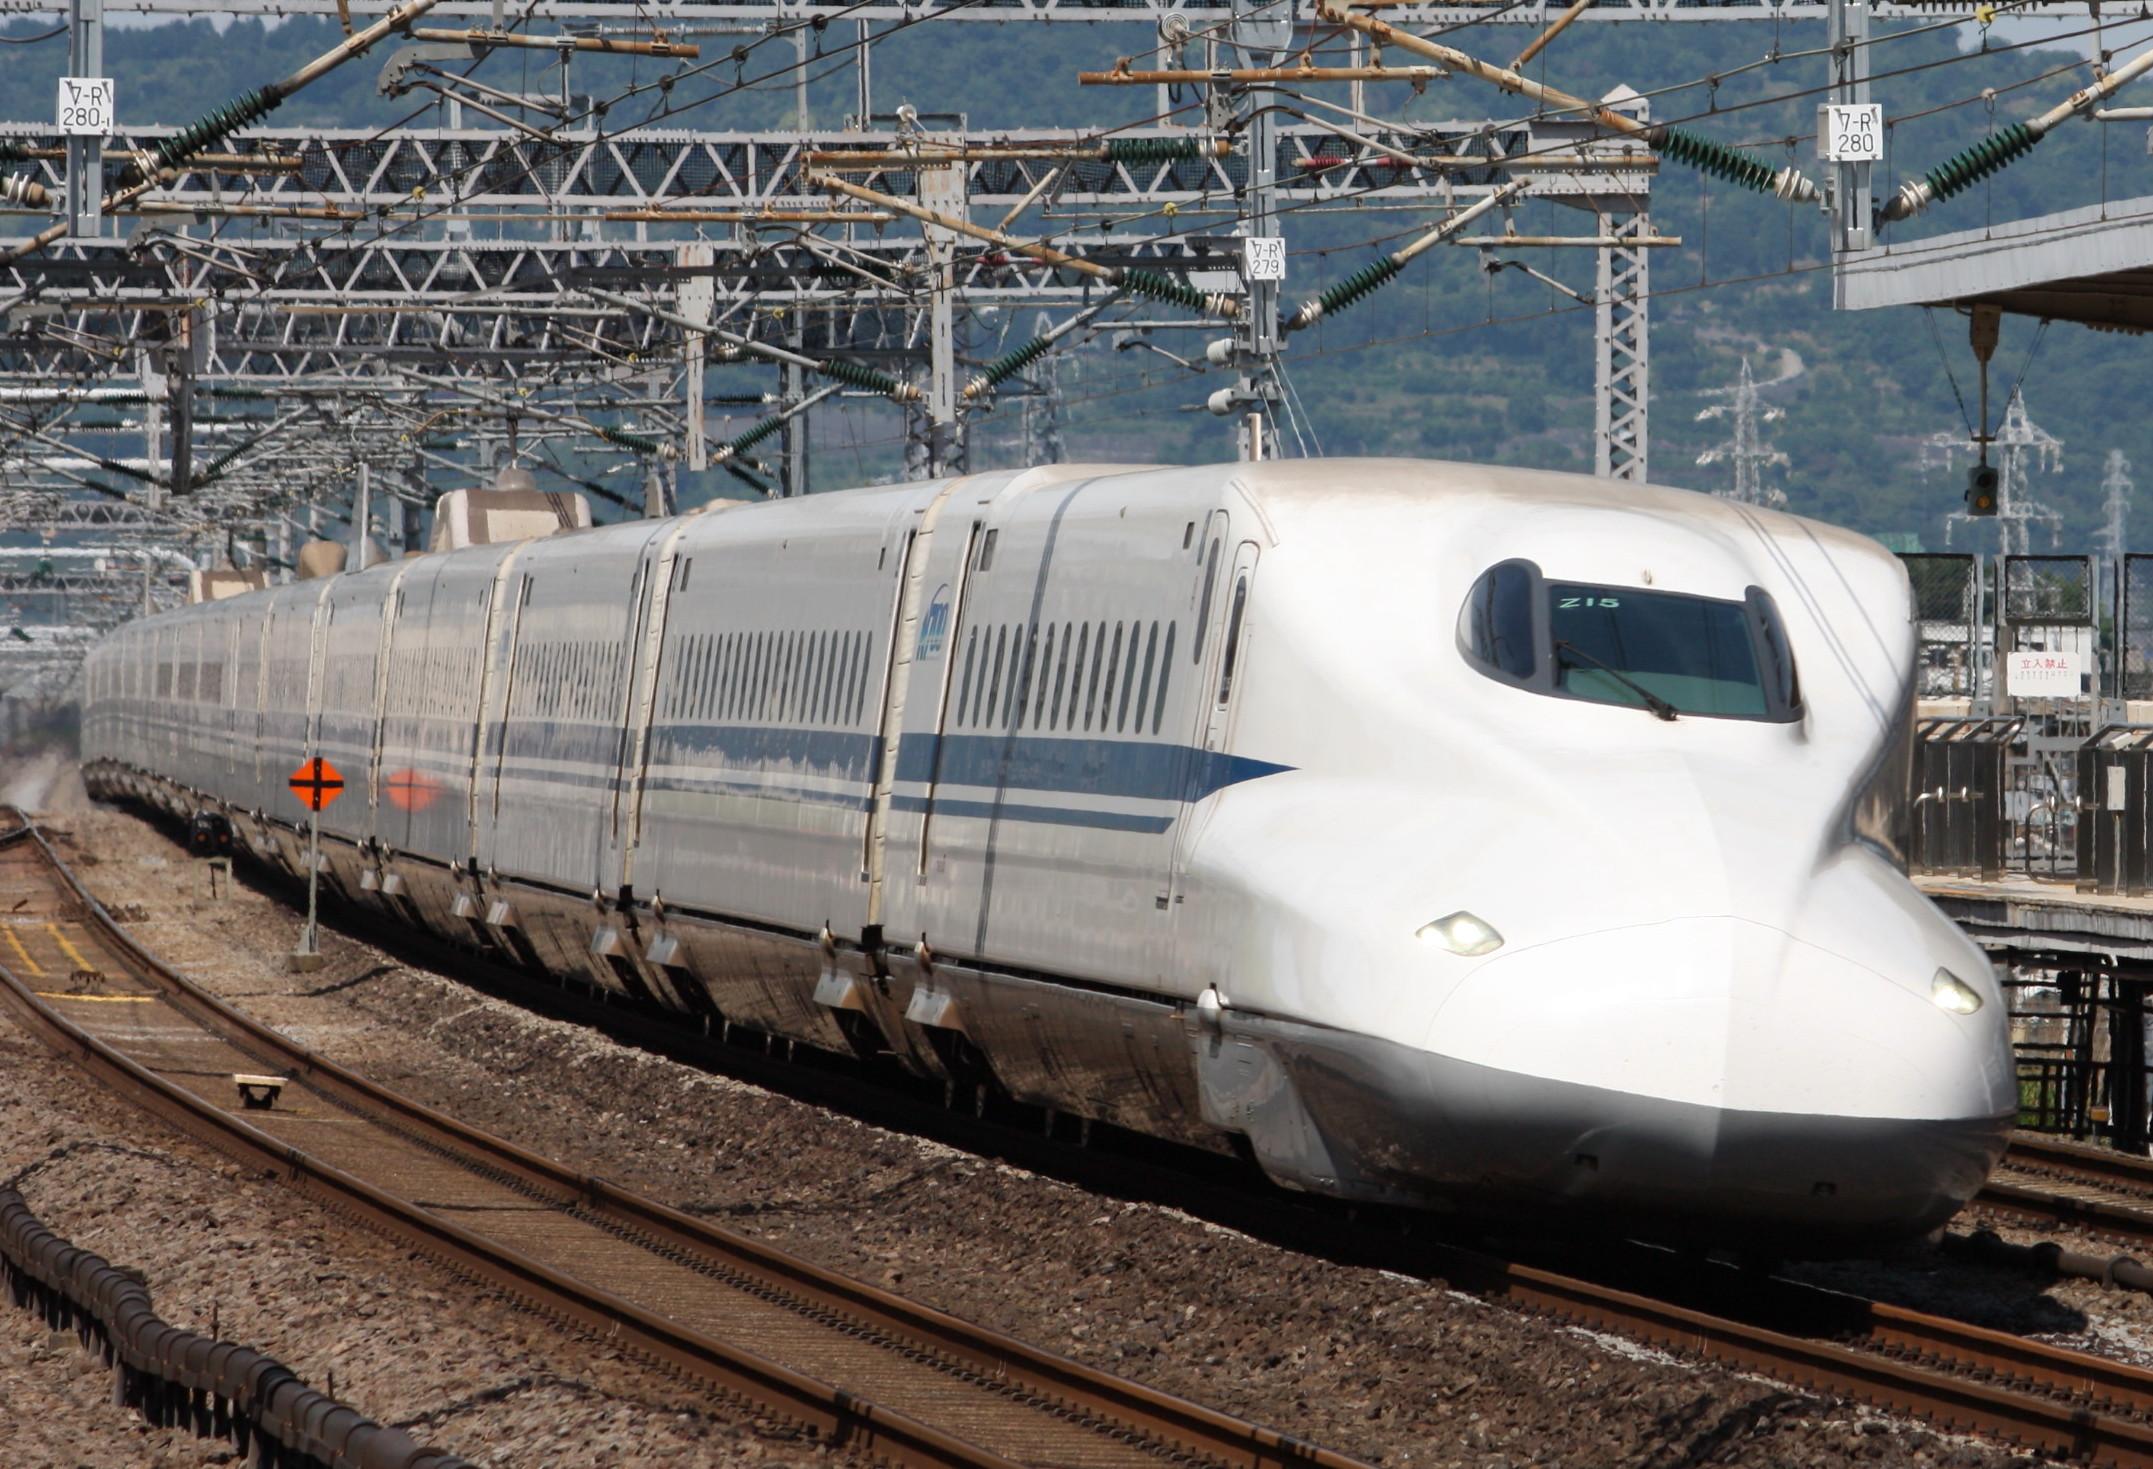 イラスト 電車 イラスト 無料 : N700 Series Shinkansen Train